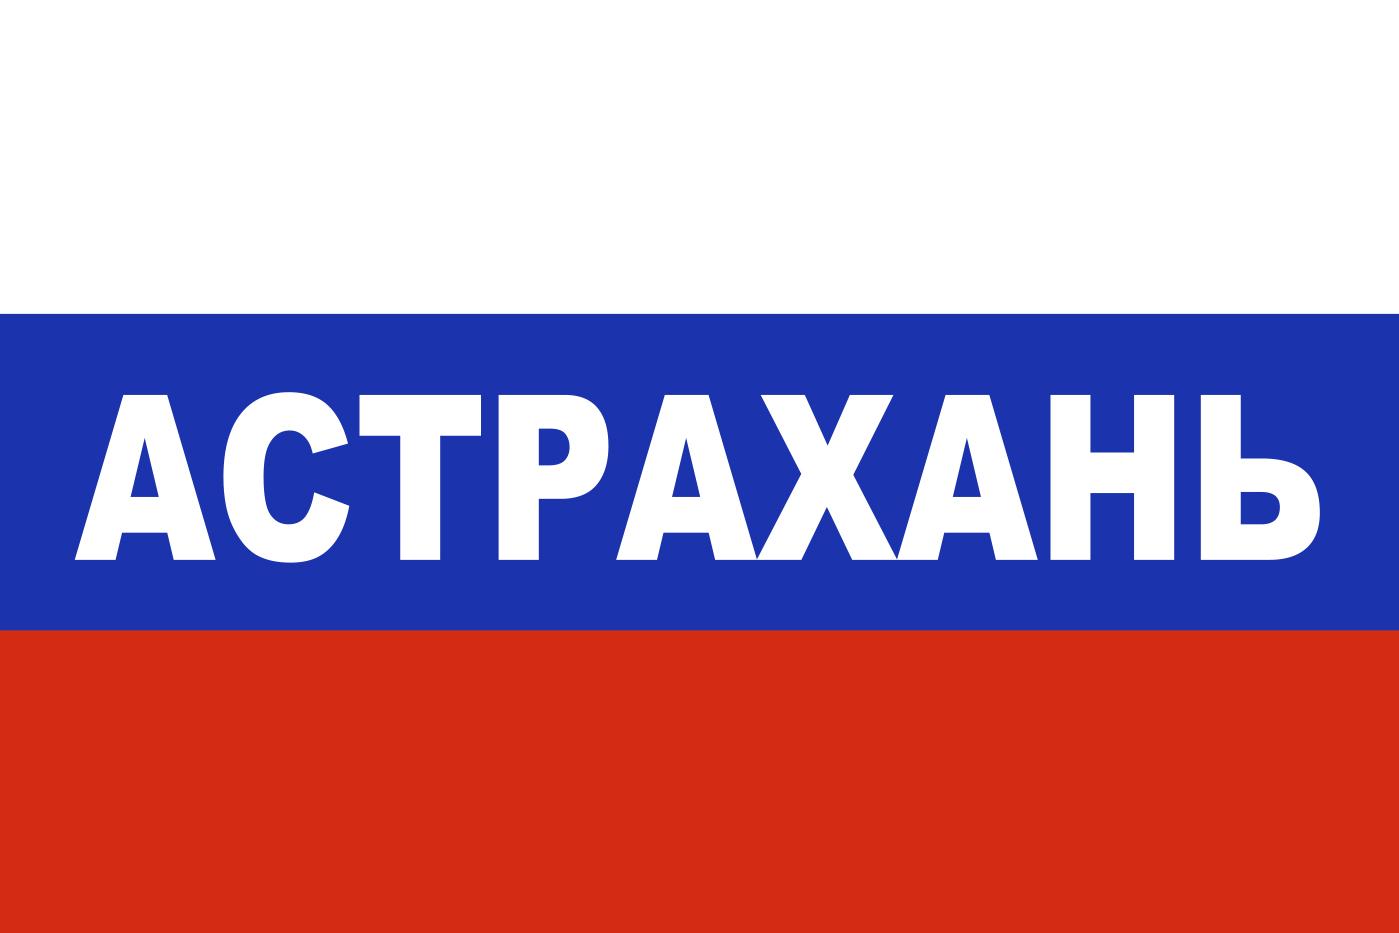 Флаг триколор Астрахань